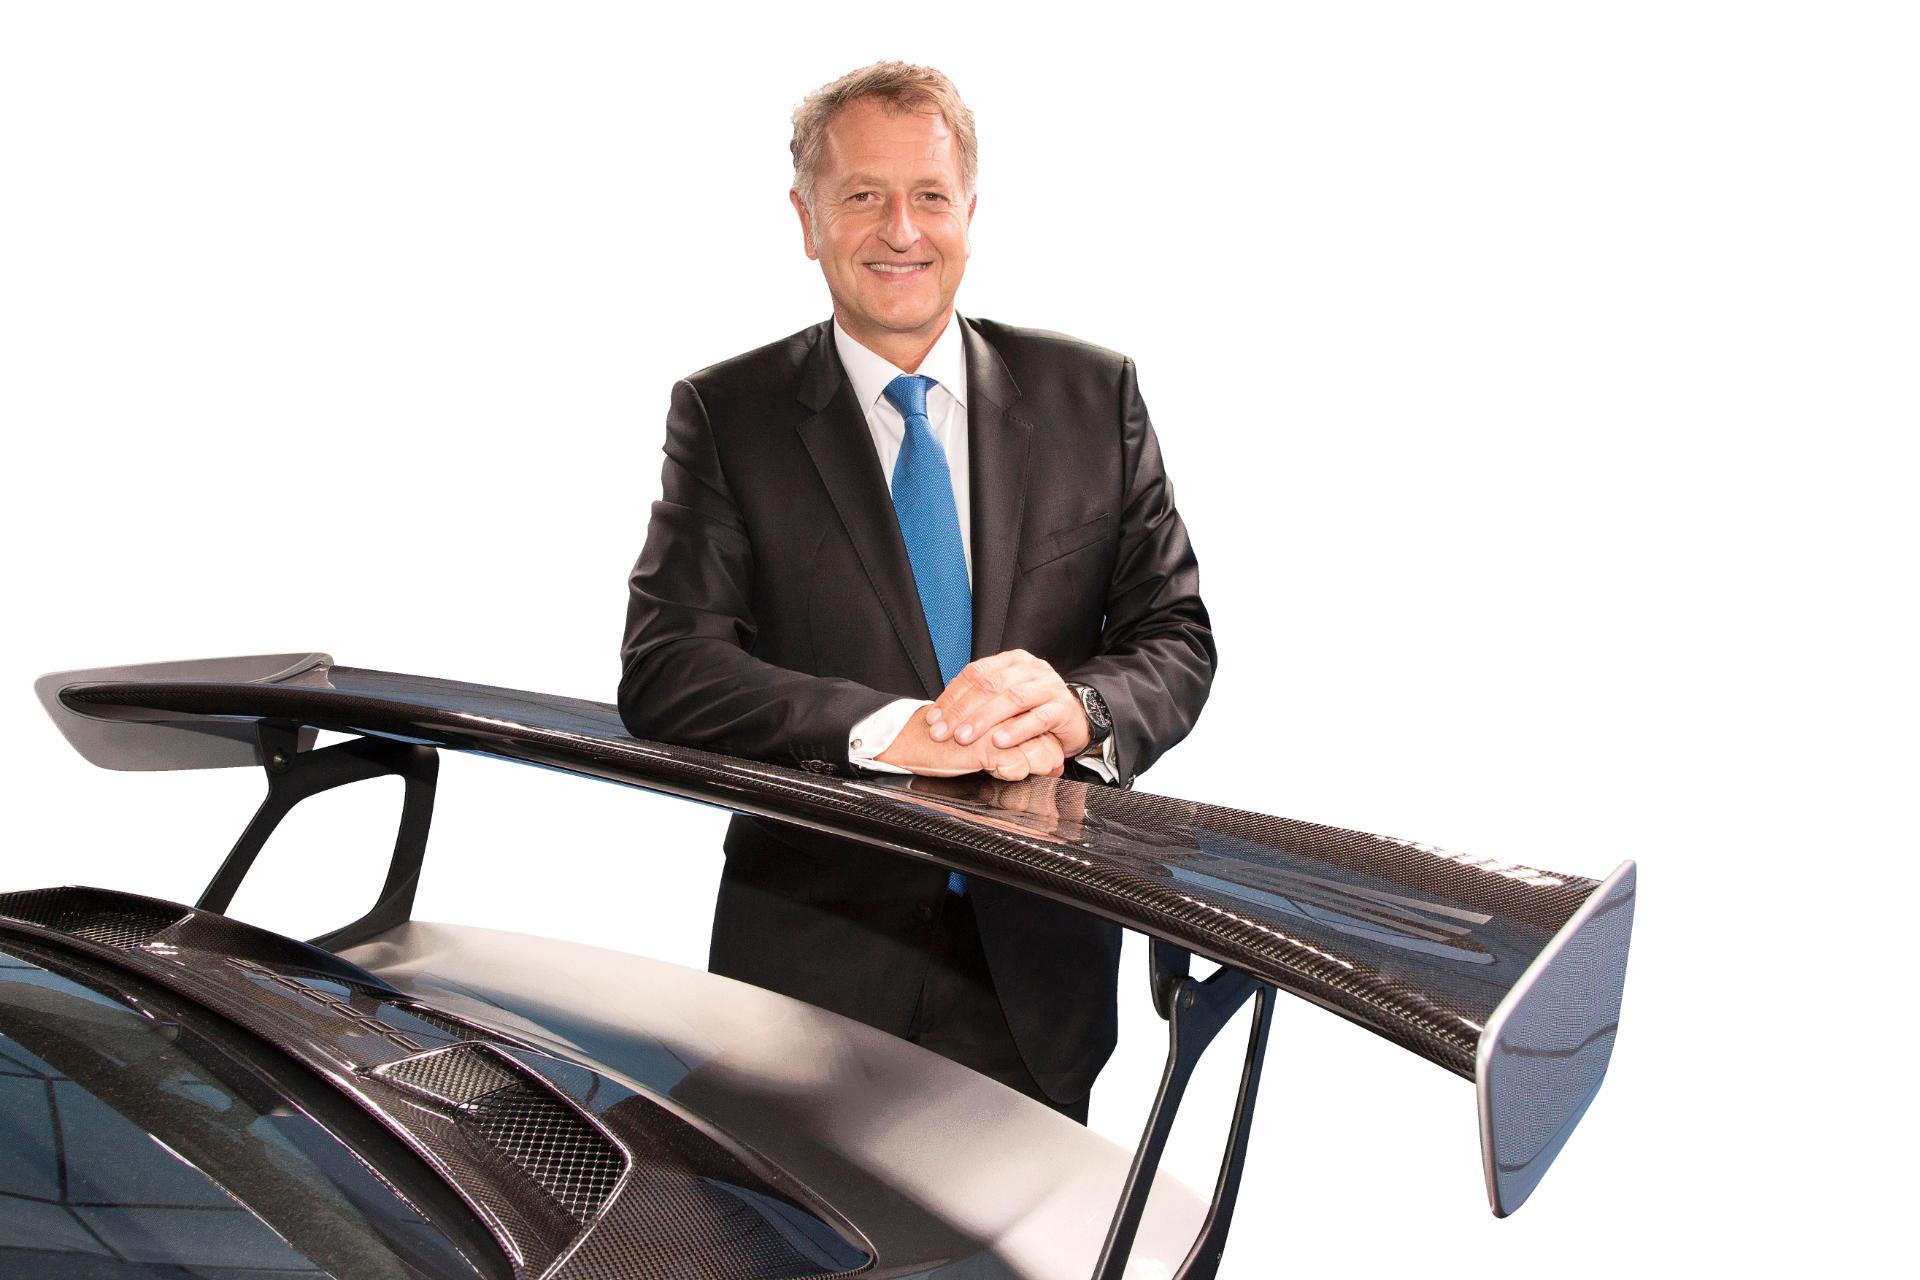 Detlev von Platen, Mitglied des Porsche Vorstandes, Vertrieb und Marketing